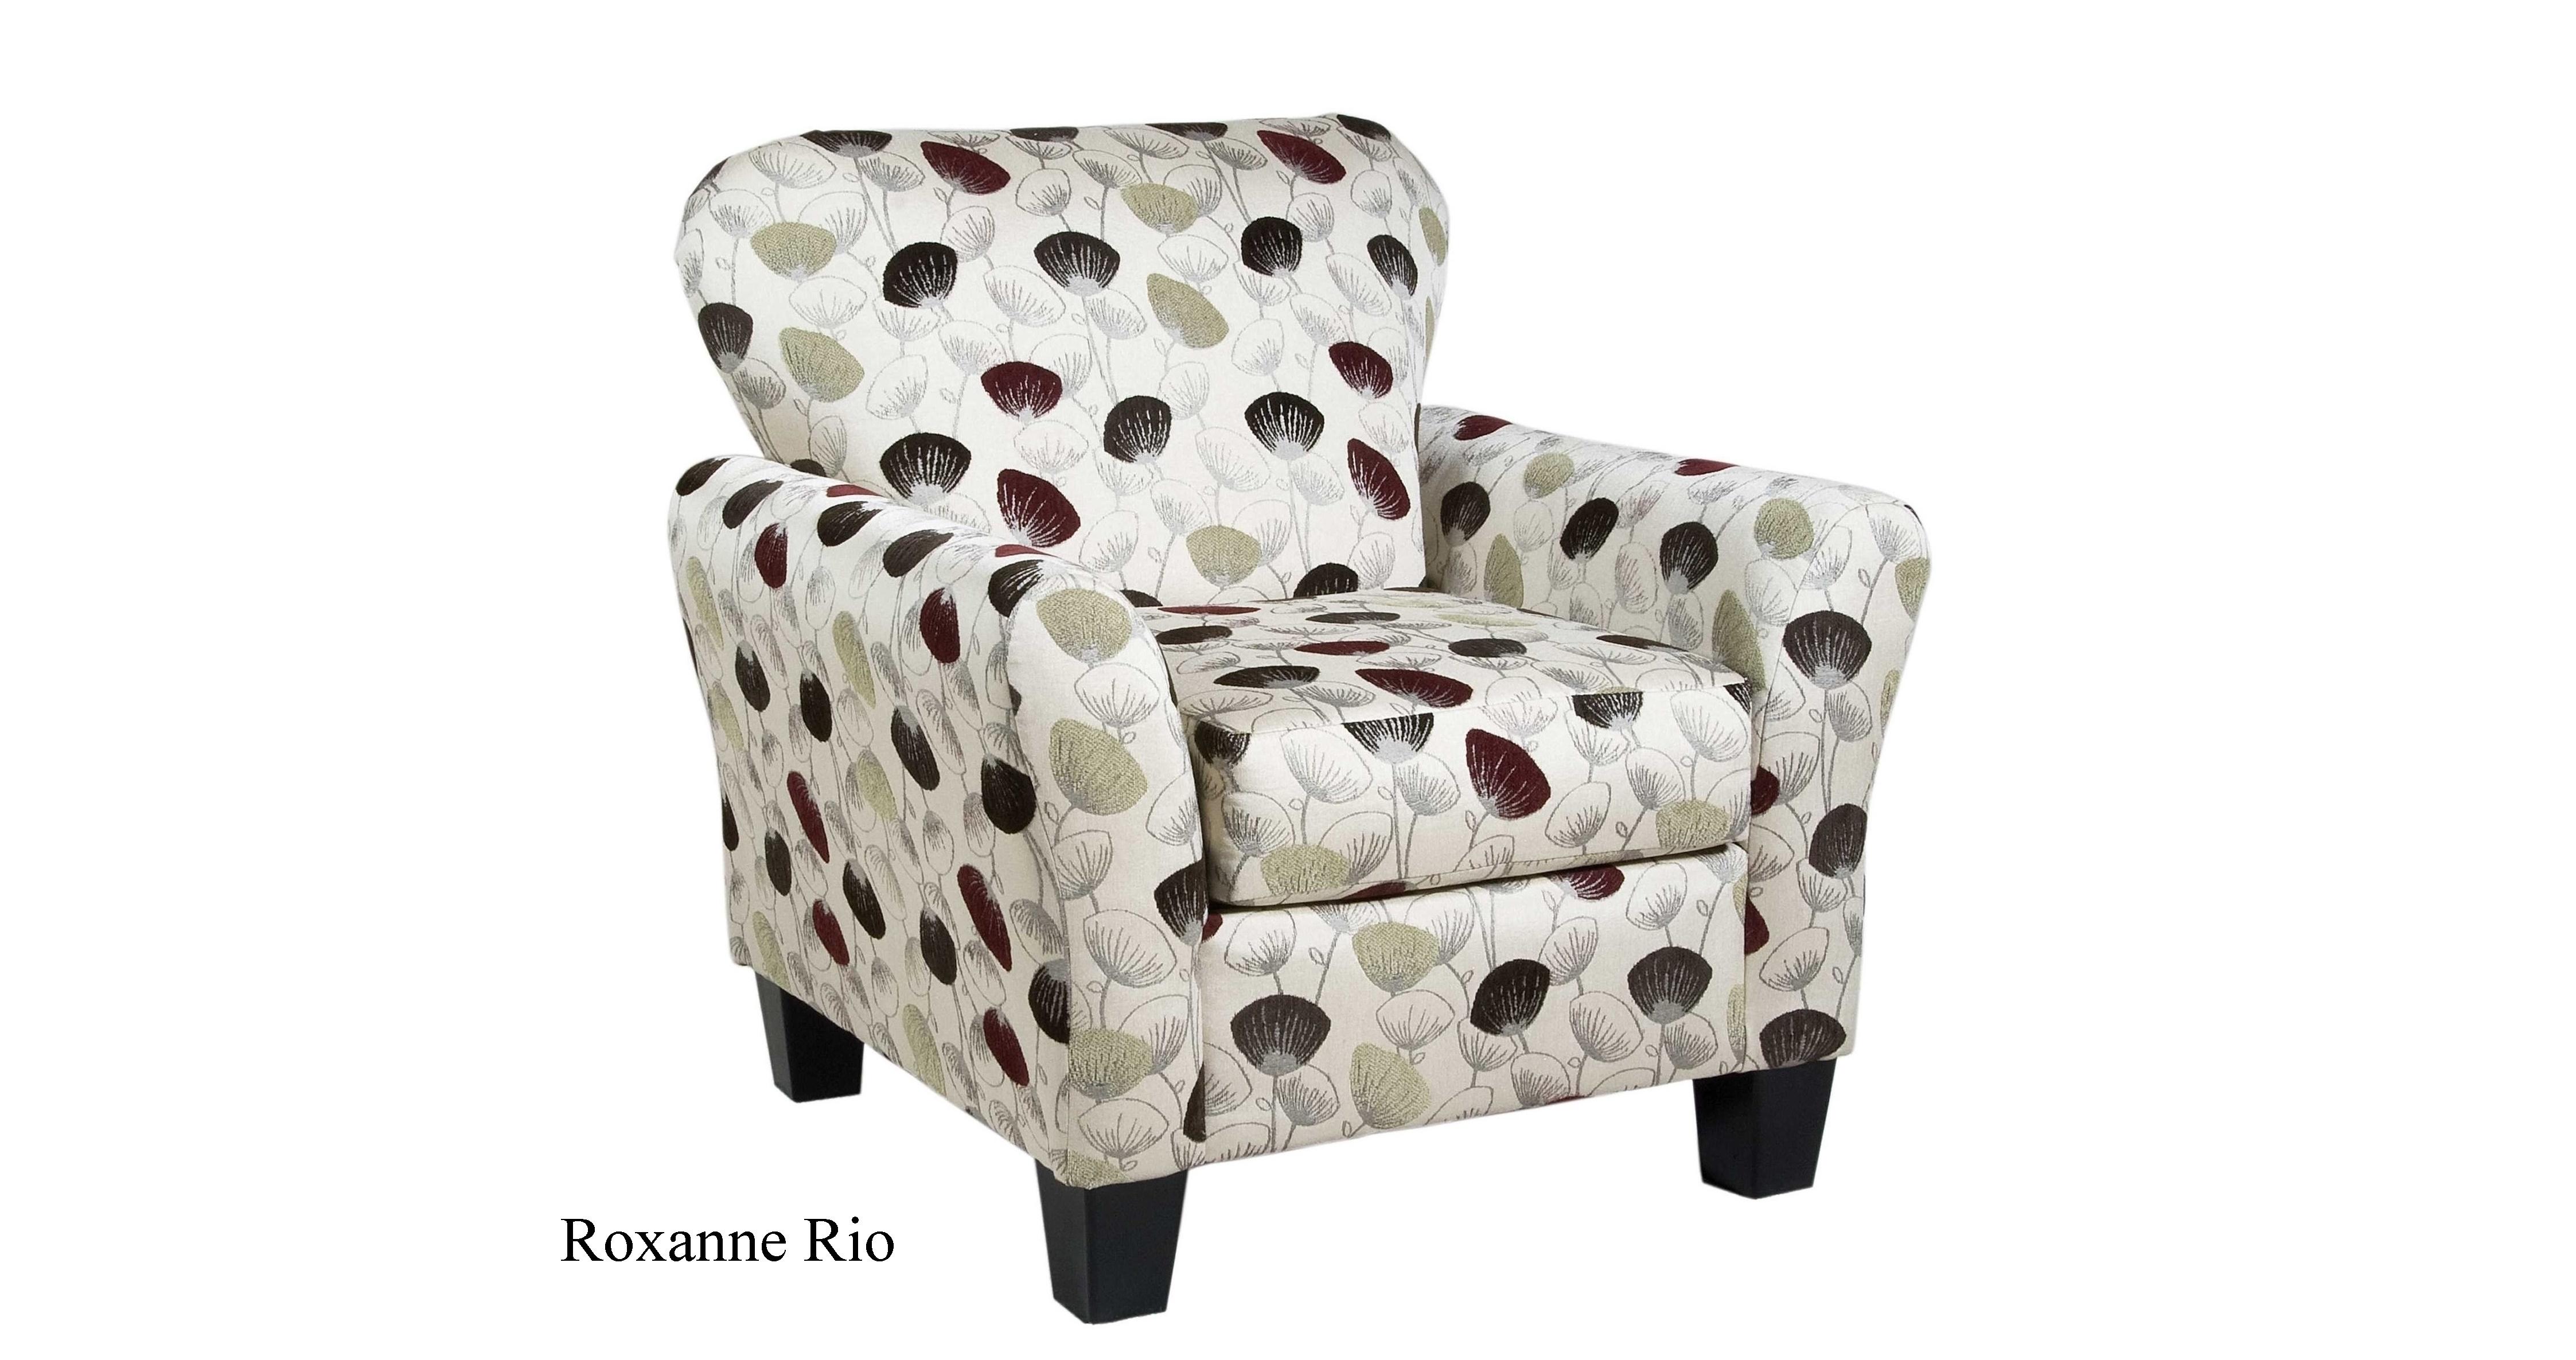 LH3010-OCRR Roxanne Rio 3